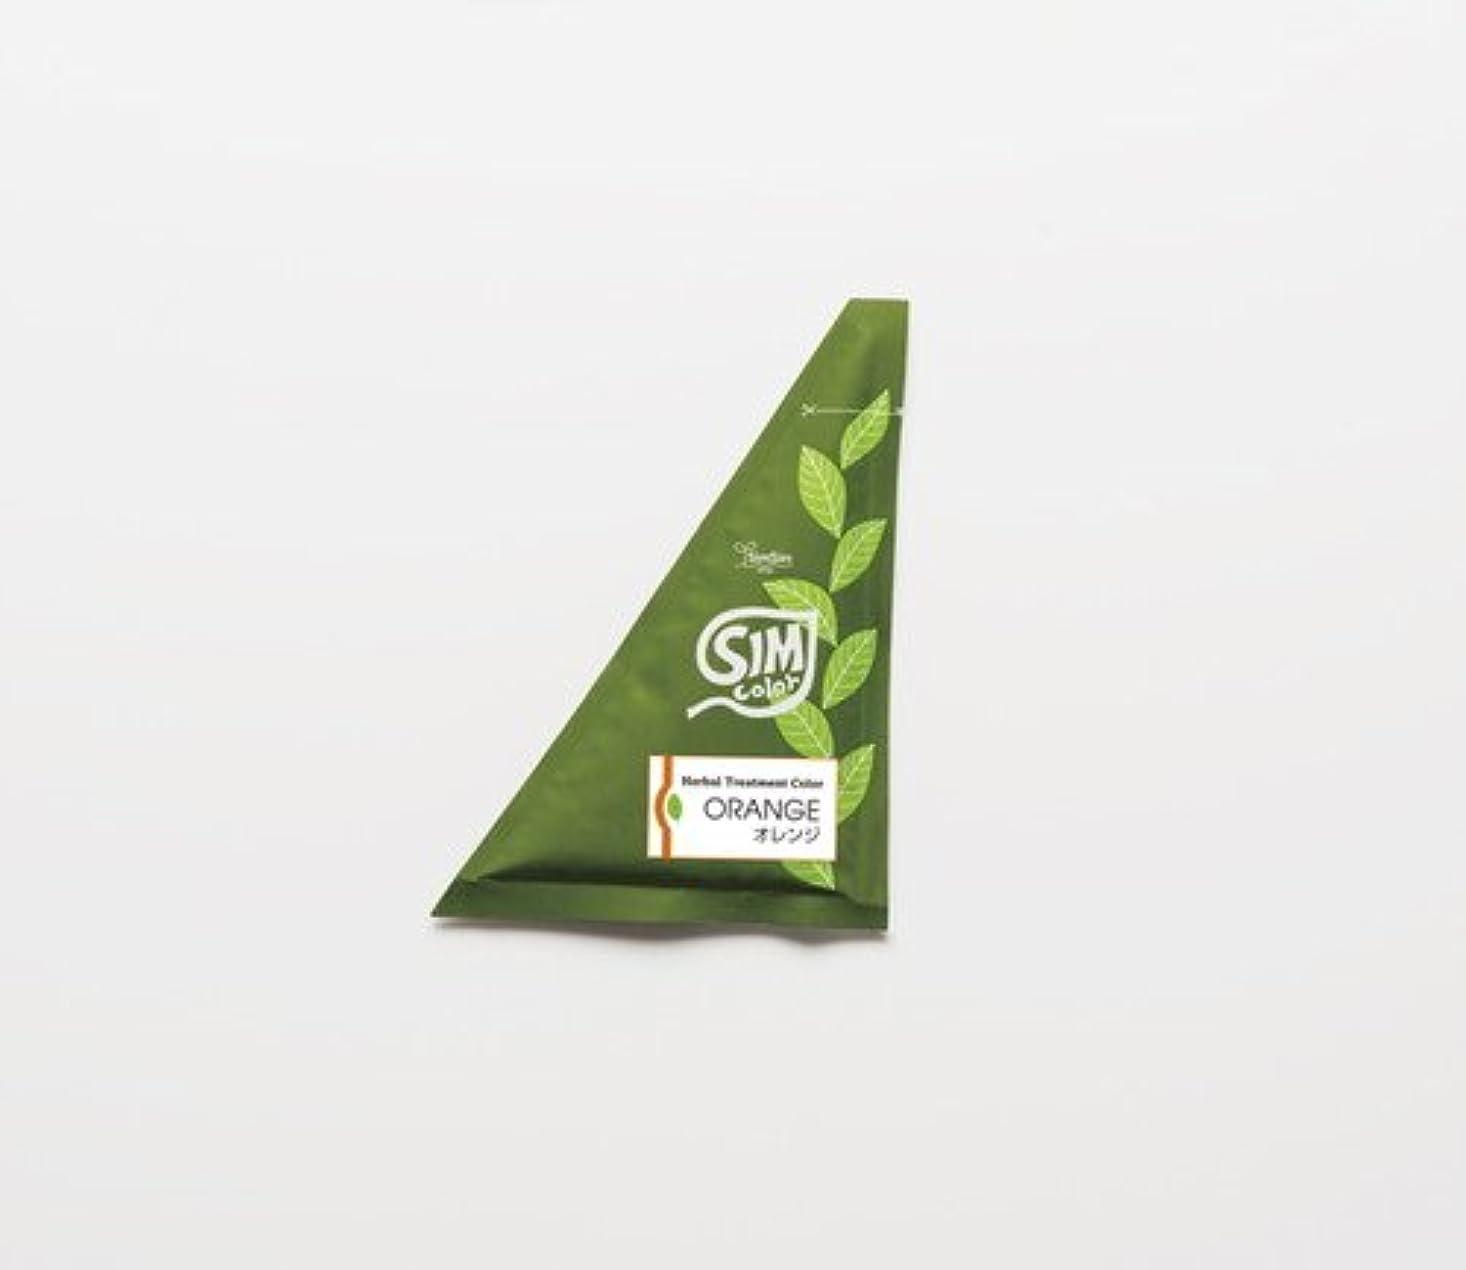 シャッフルドアミラーマダムSimSim(シムシム)お手軽簡単シムカラーエクストラ(EX)25g 2袋 オレンジ